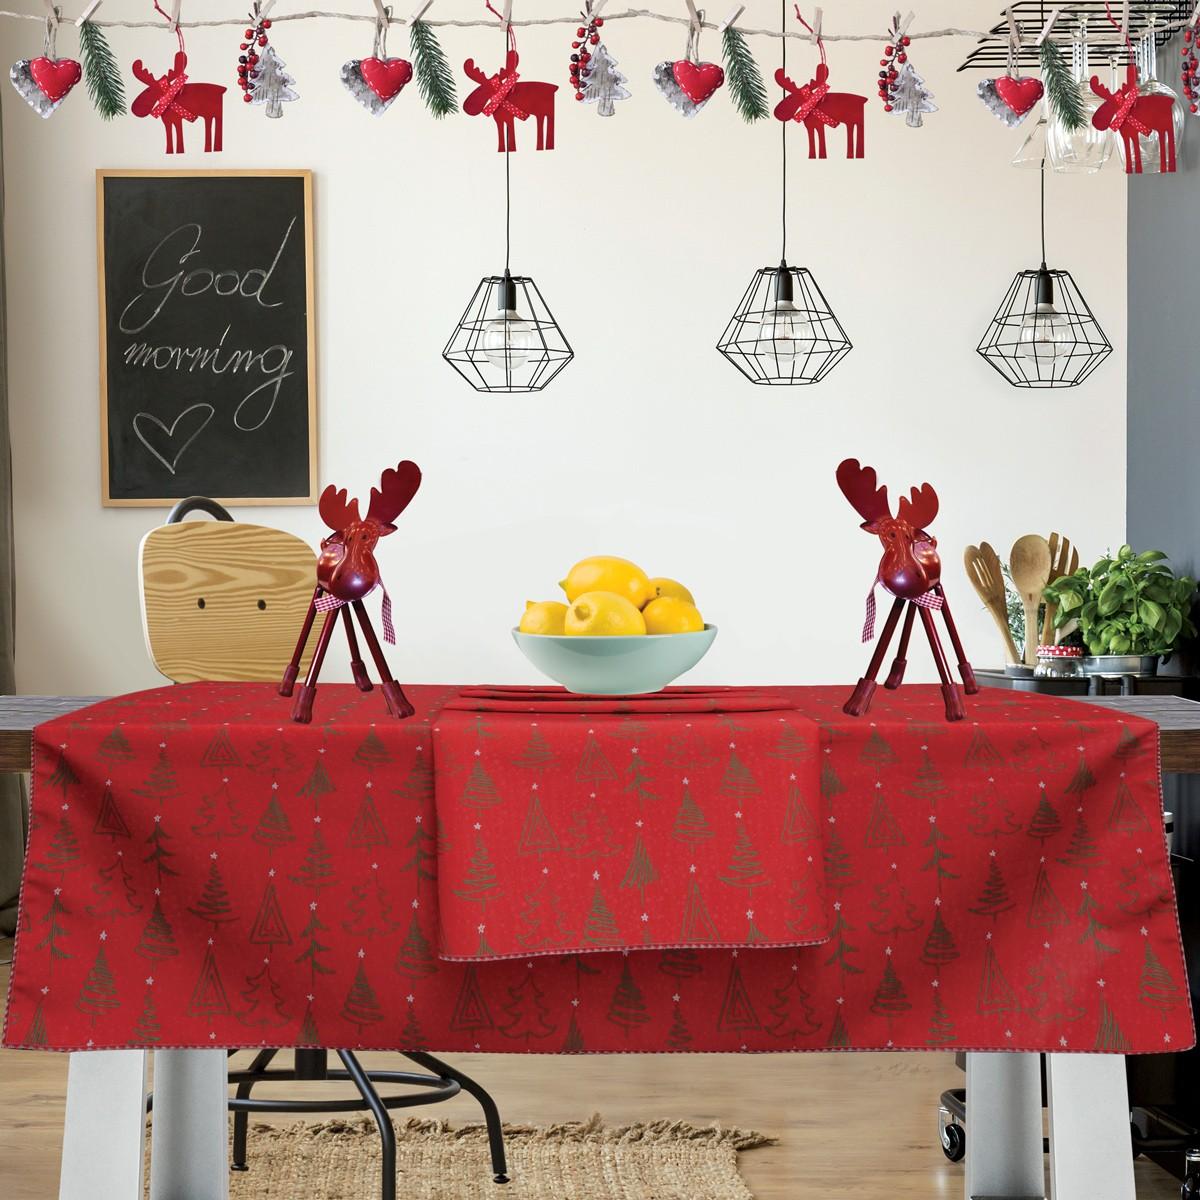 Χριστουγεννιάτικο Τραπεζομάντηλο (140x240) Das Home Kitchen 550